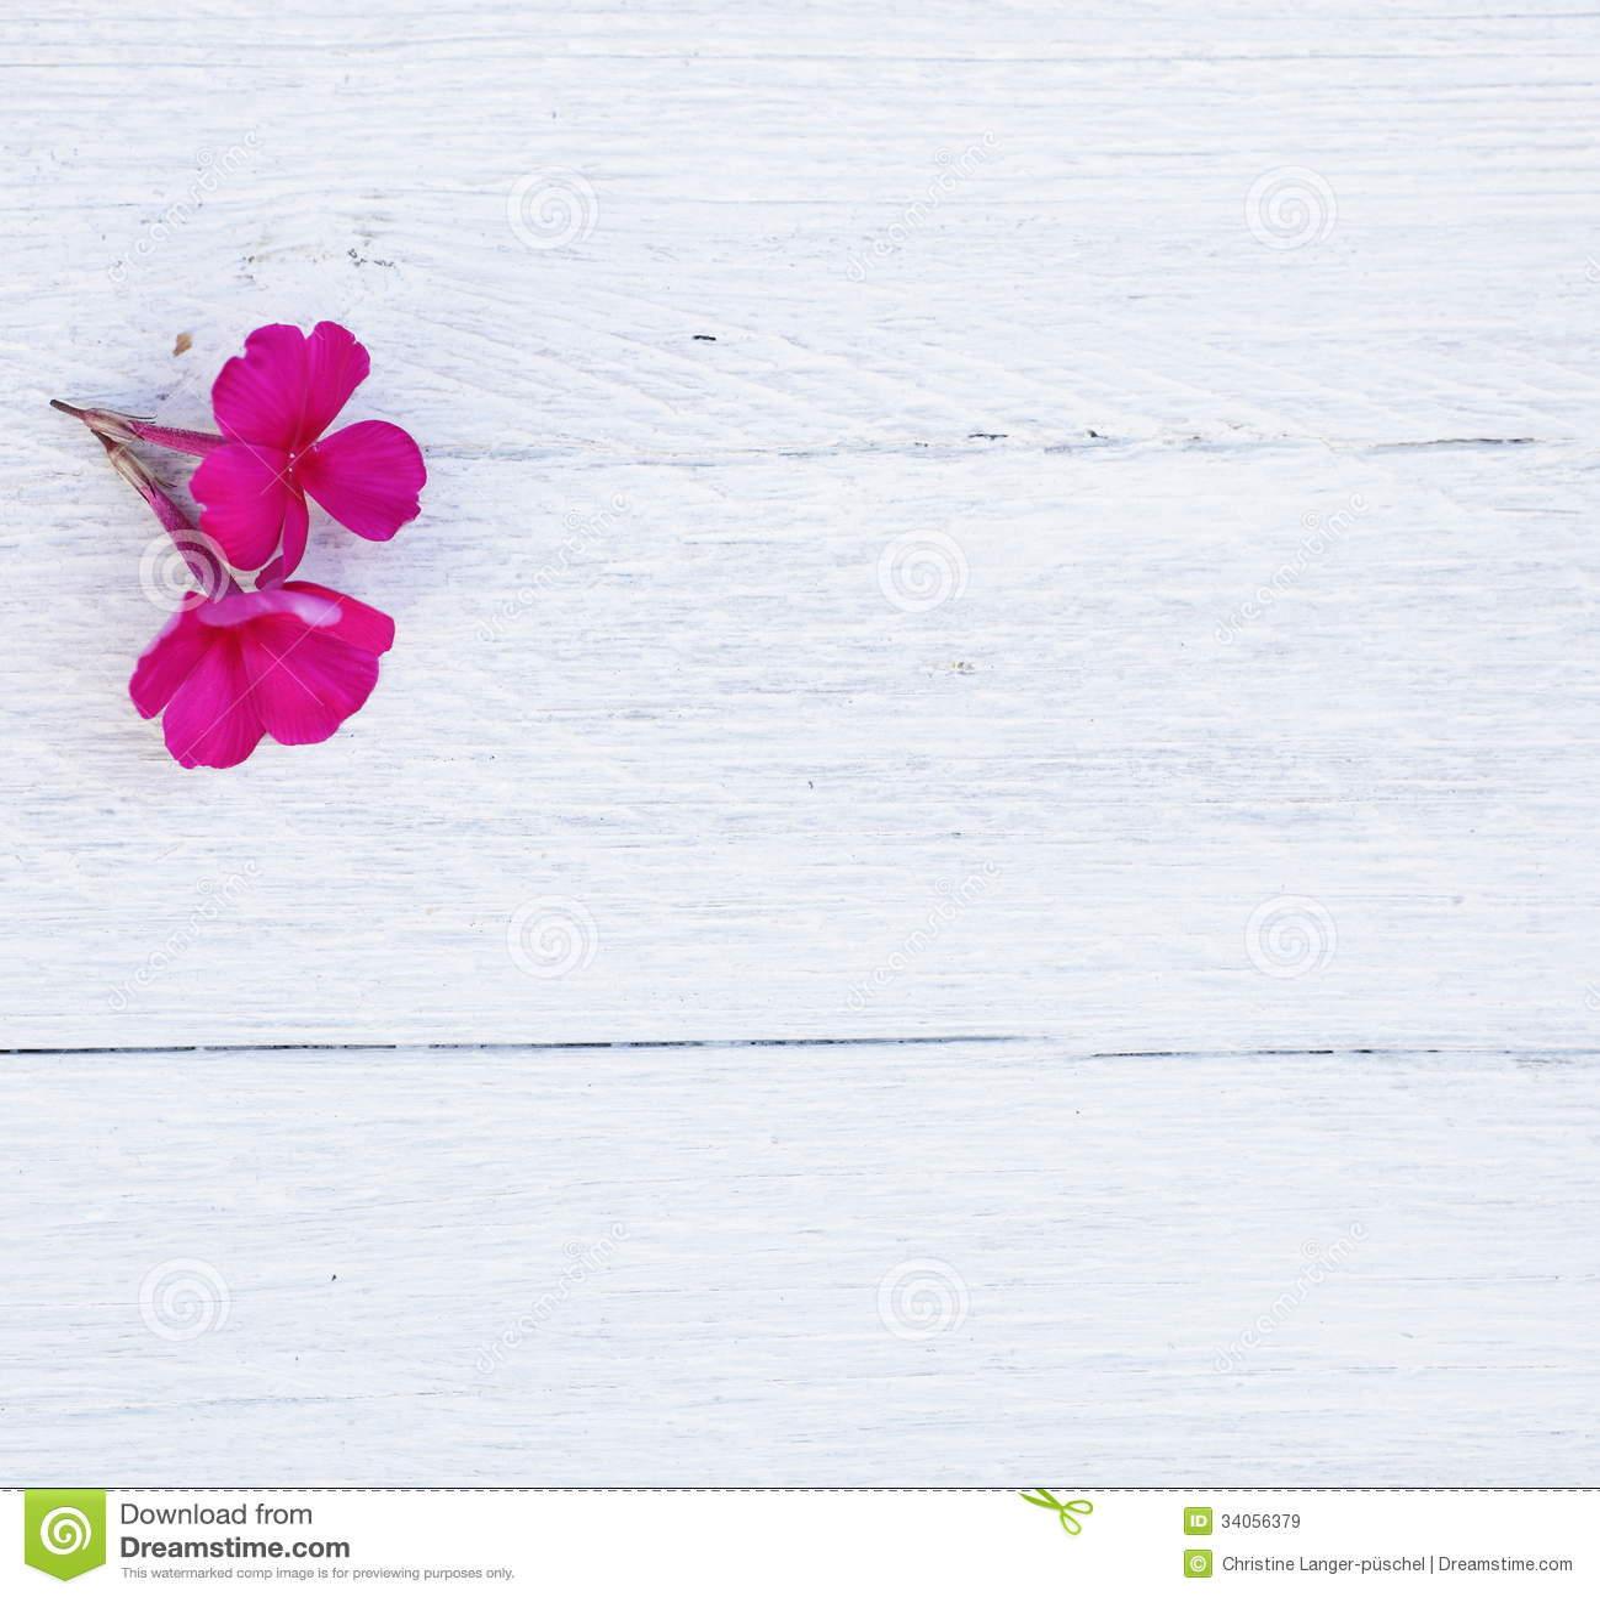 Rustic White Wood Background Stock Image - Image: 34056379